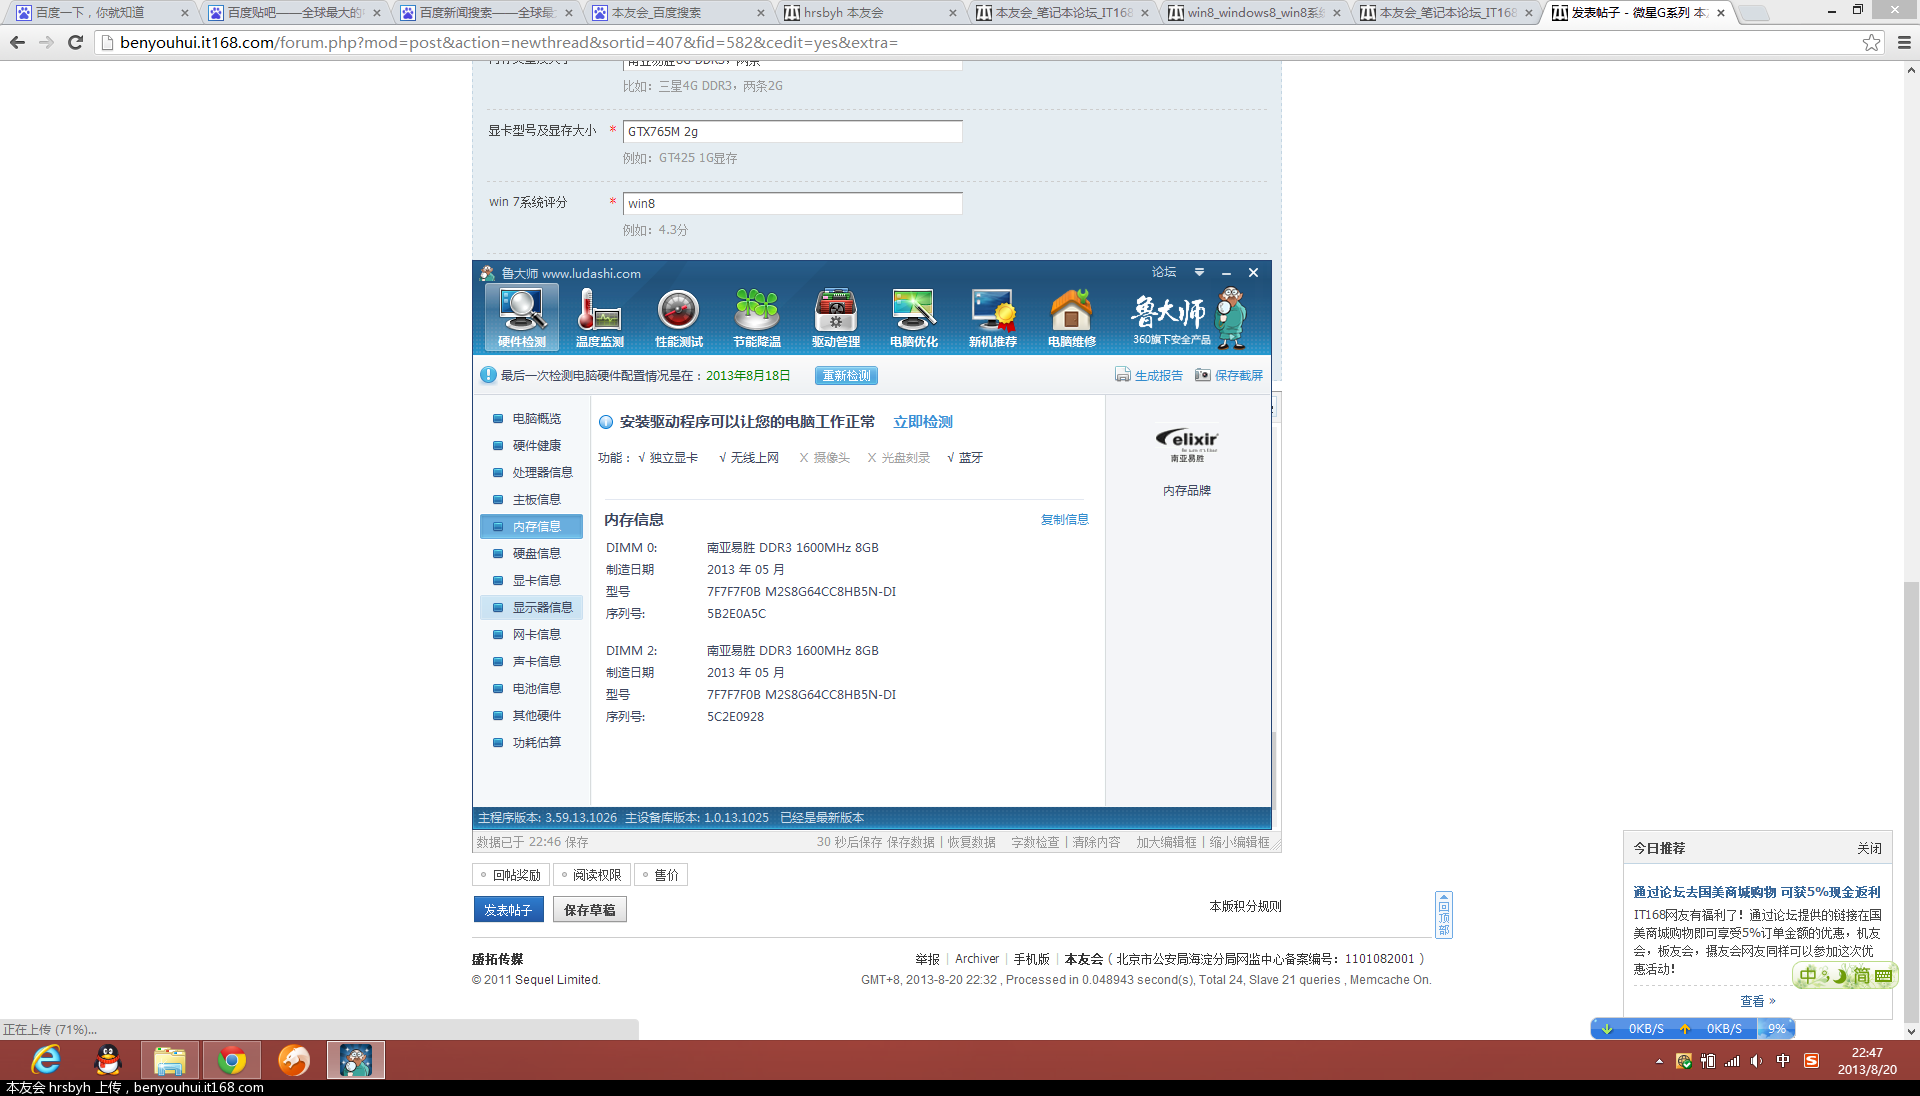 屏幕截图(16).png